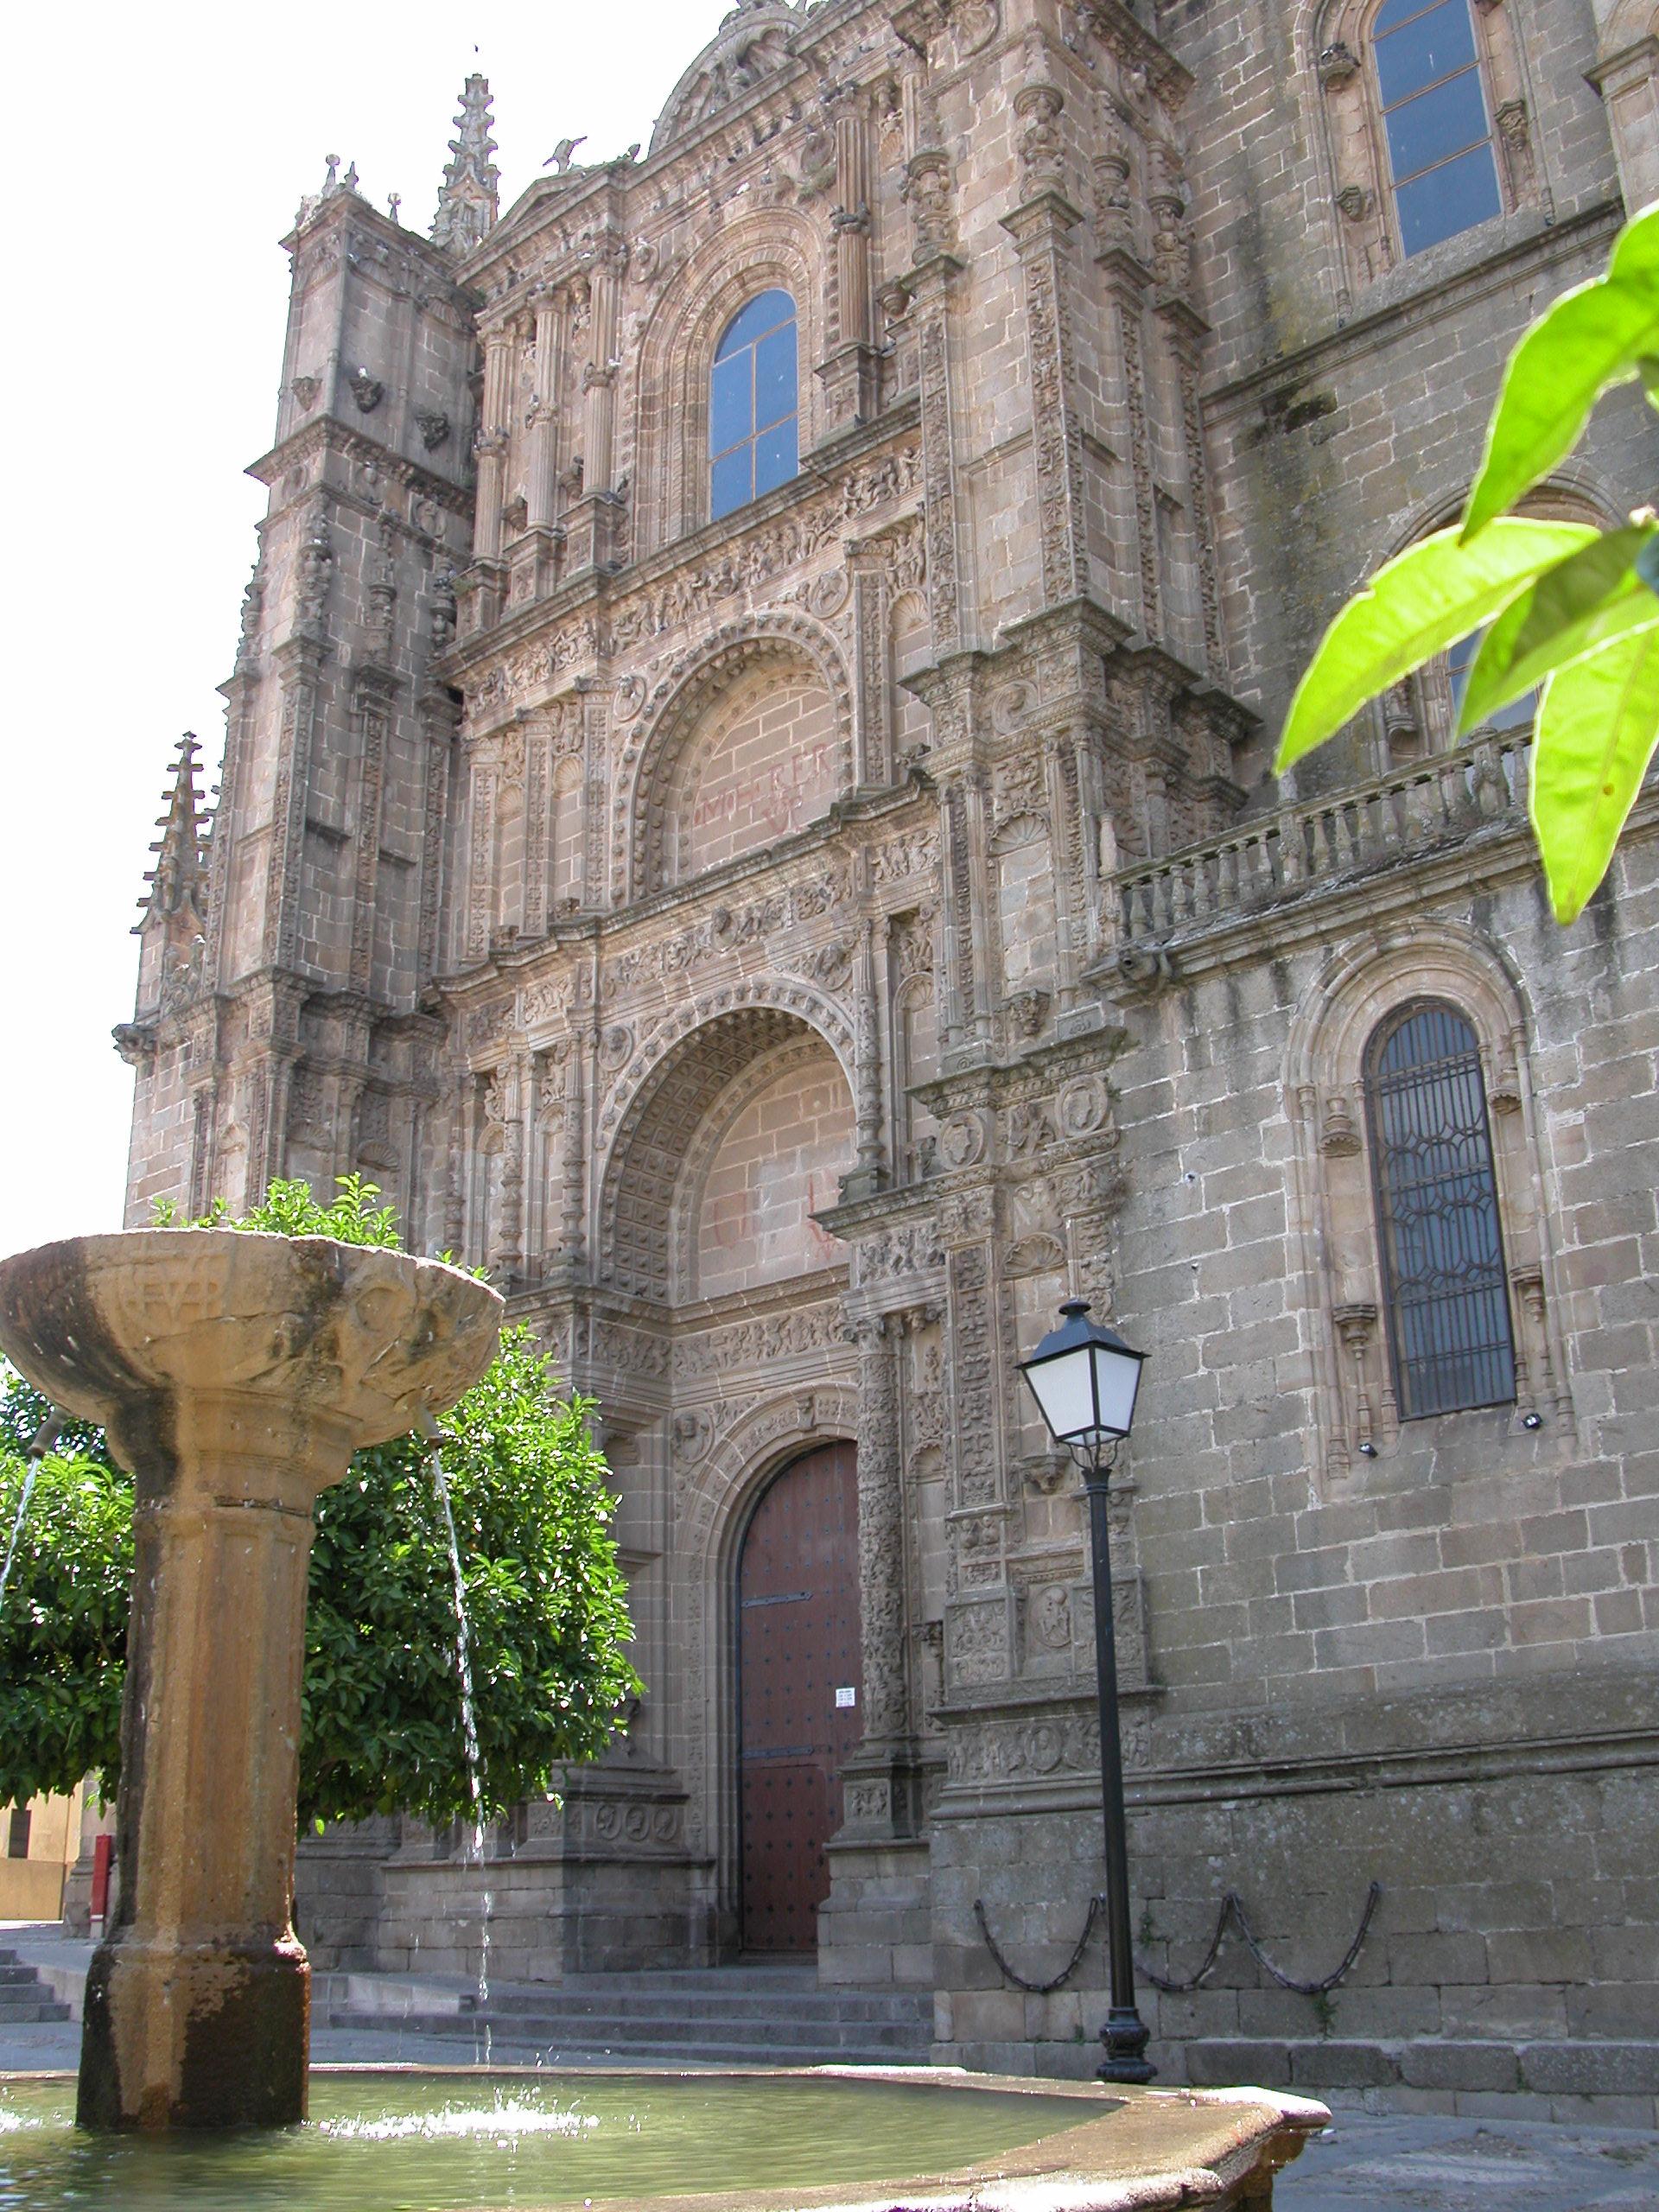 File:Catedral nueva plasencia.JPG - Wikimedia Commons